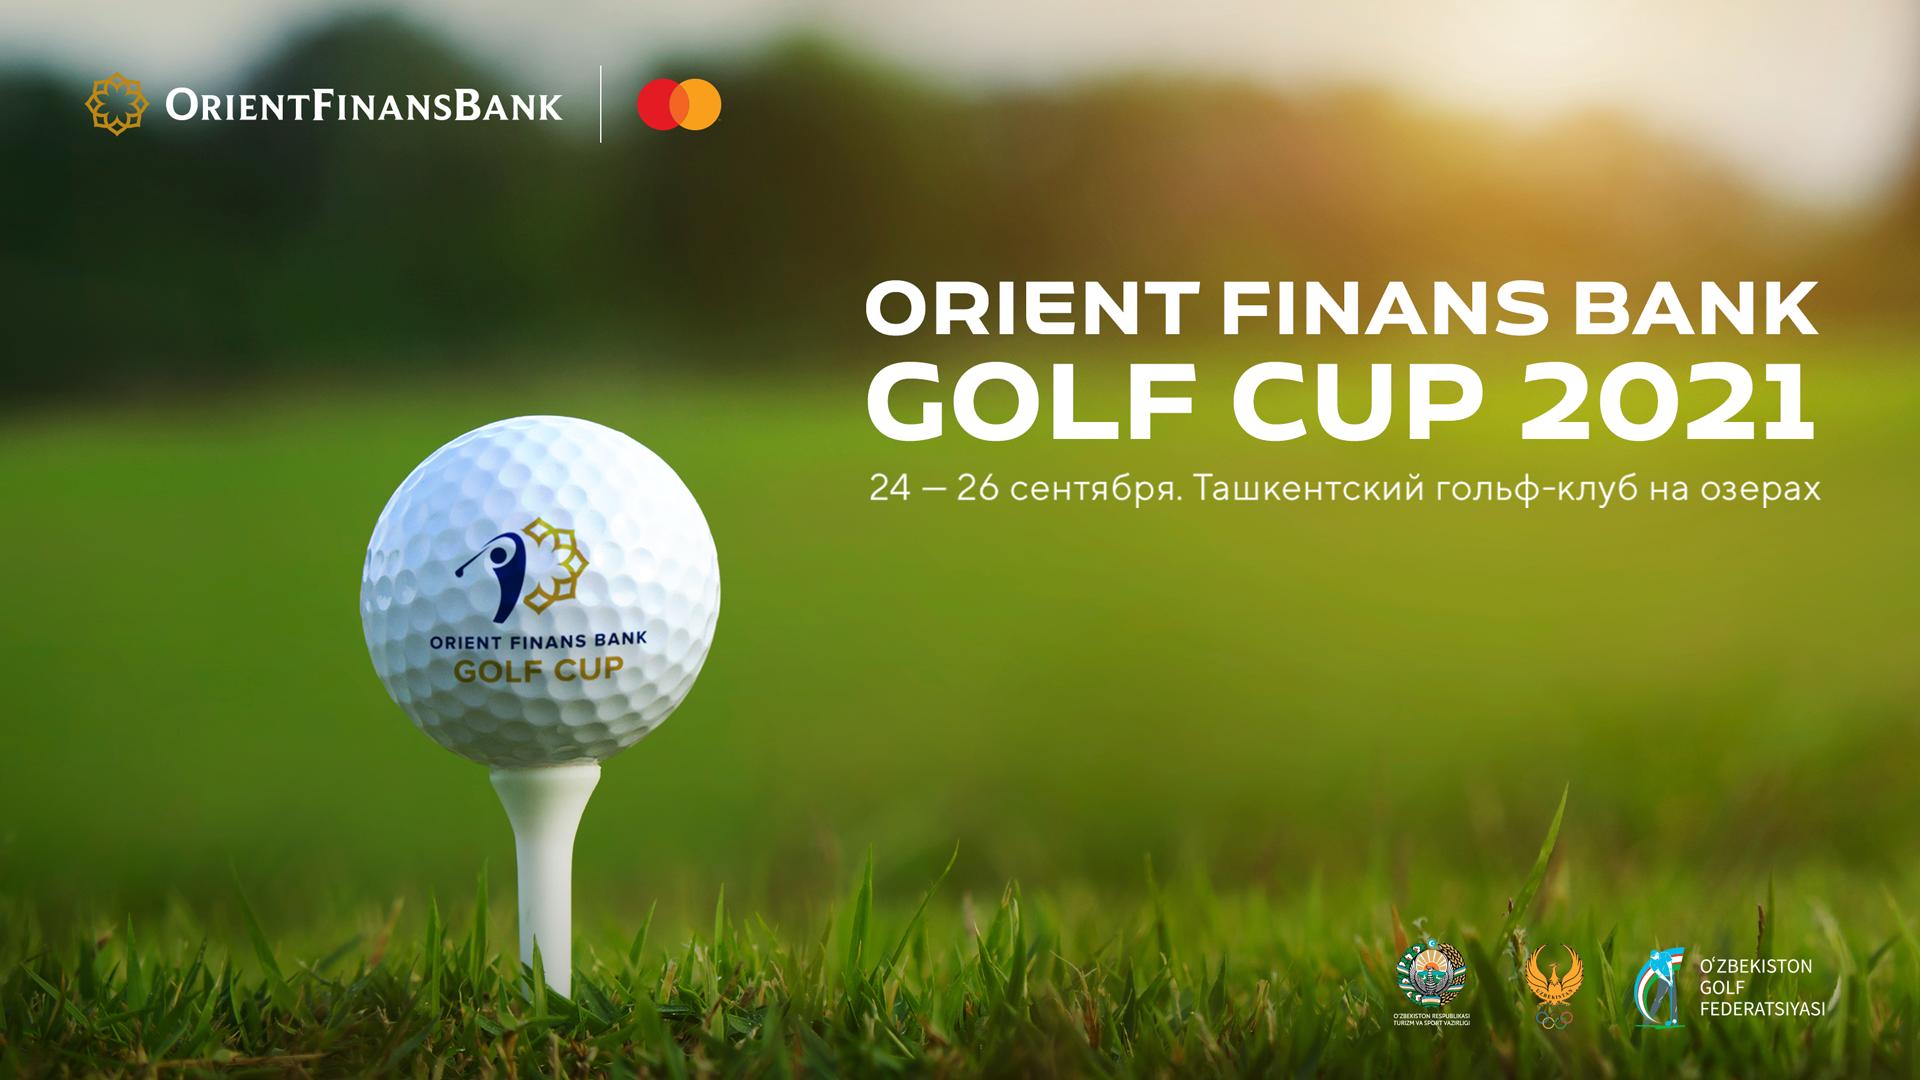 В Ташкентском гольф-клубе пройдёт открытый международный чемпионат по гольфу ORIENT FINANS BANK GOLF CUP 2021